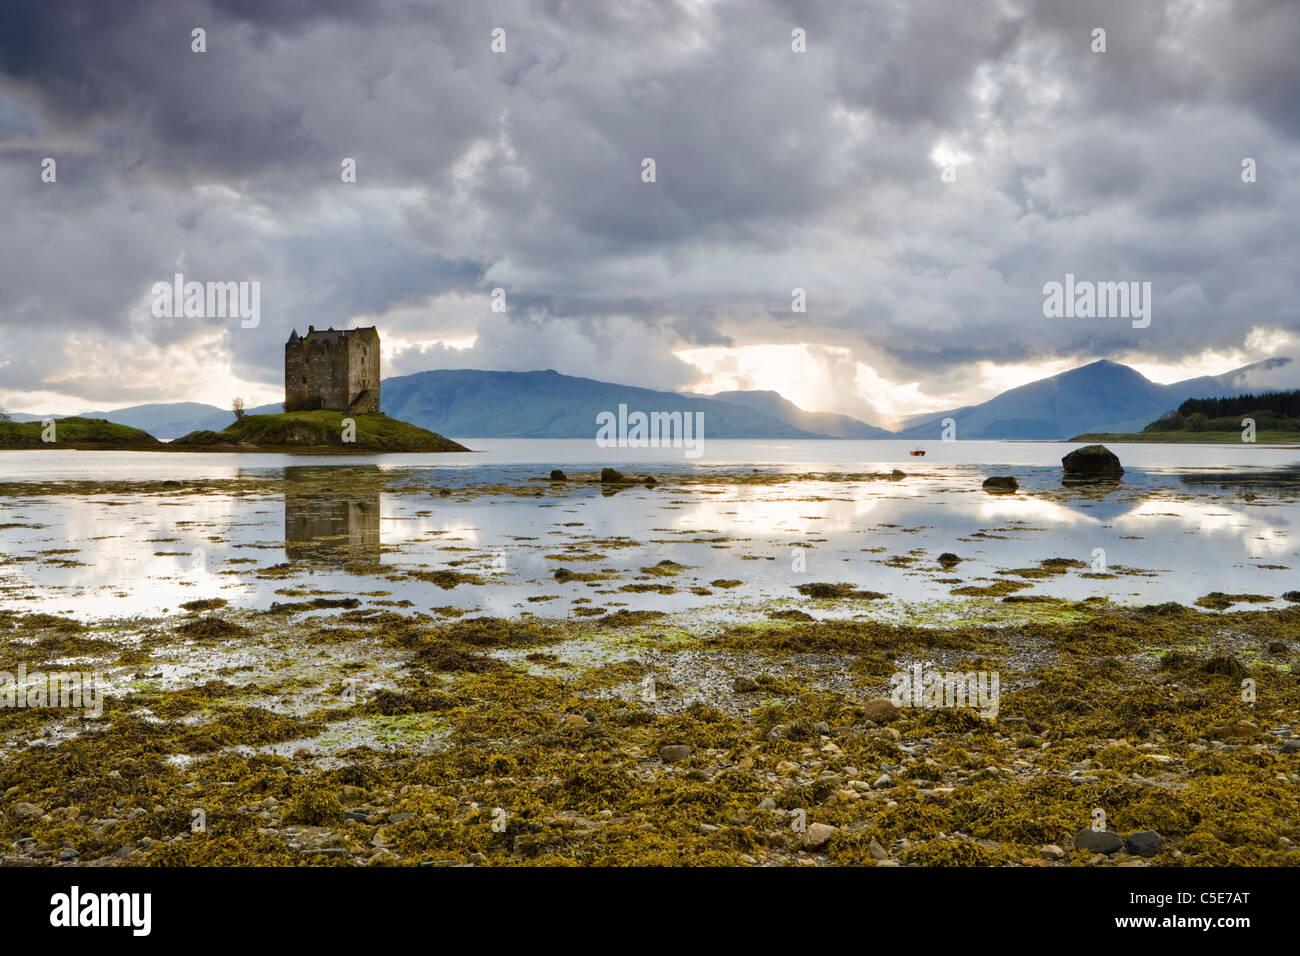 Castle Stalker, Argyll, Scotland, Regno Unito Immagini Stock